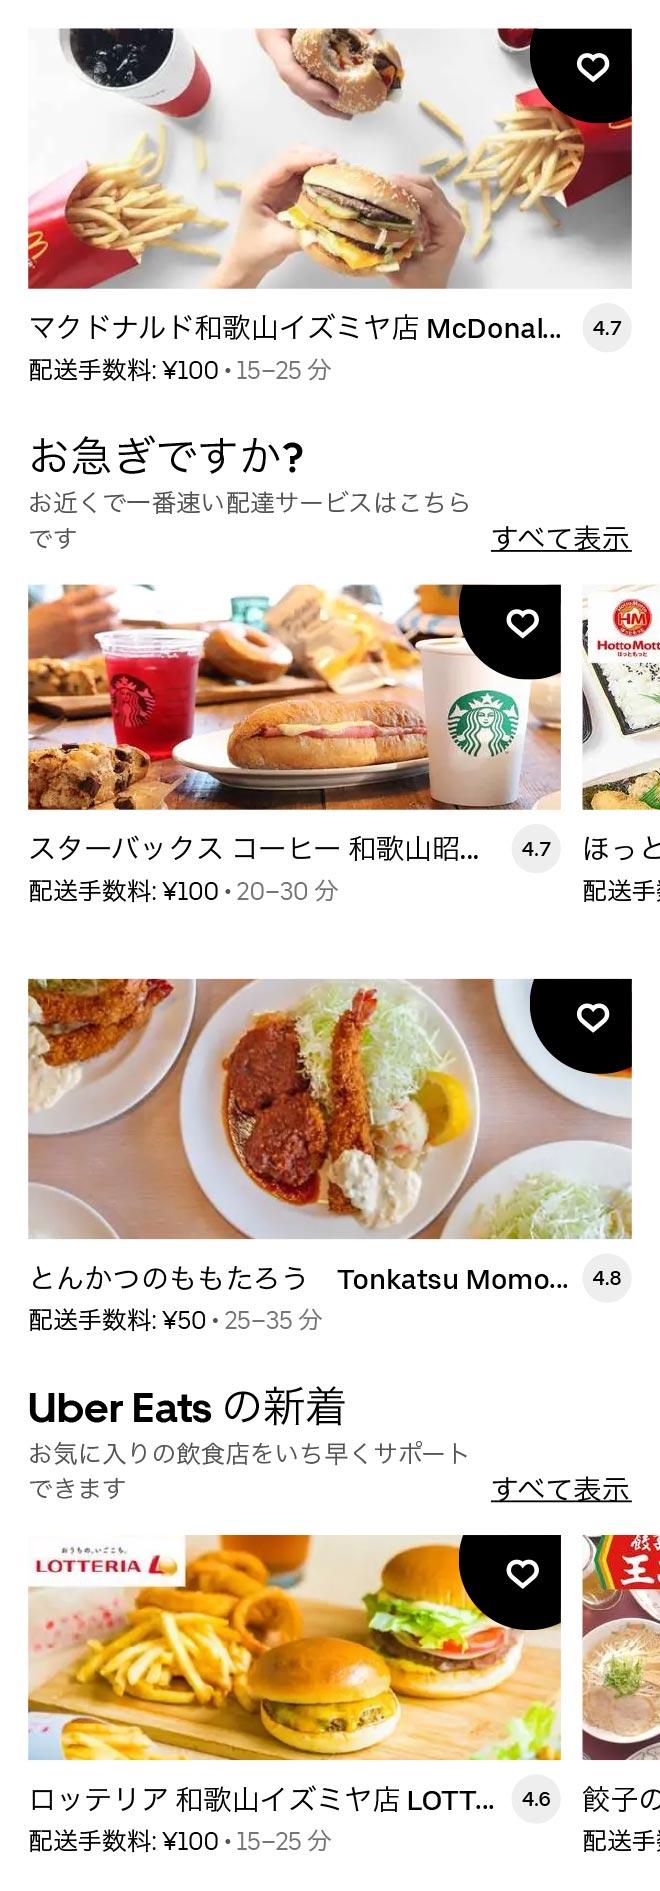 U miyamae menu 2104 01